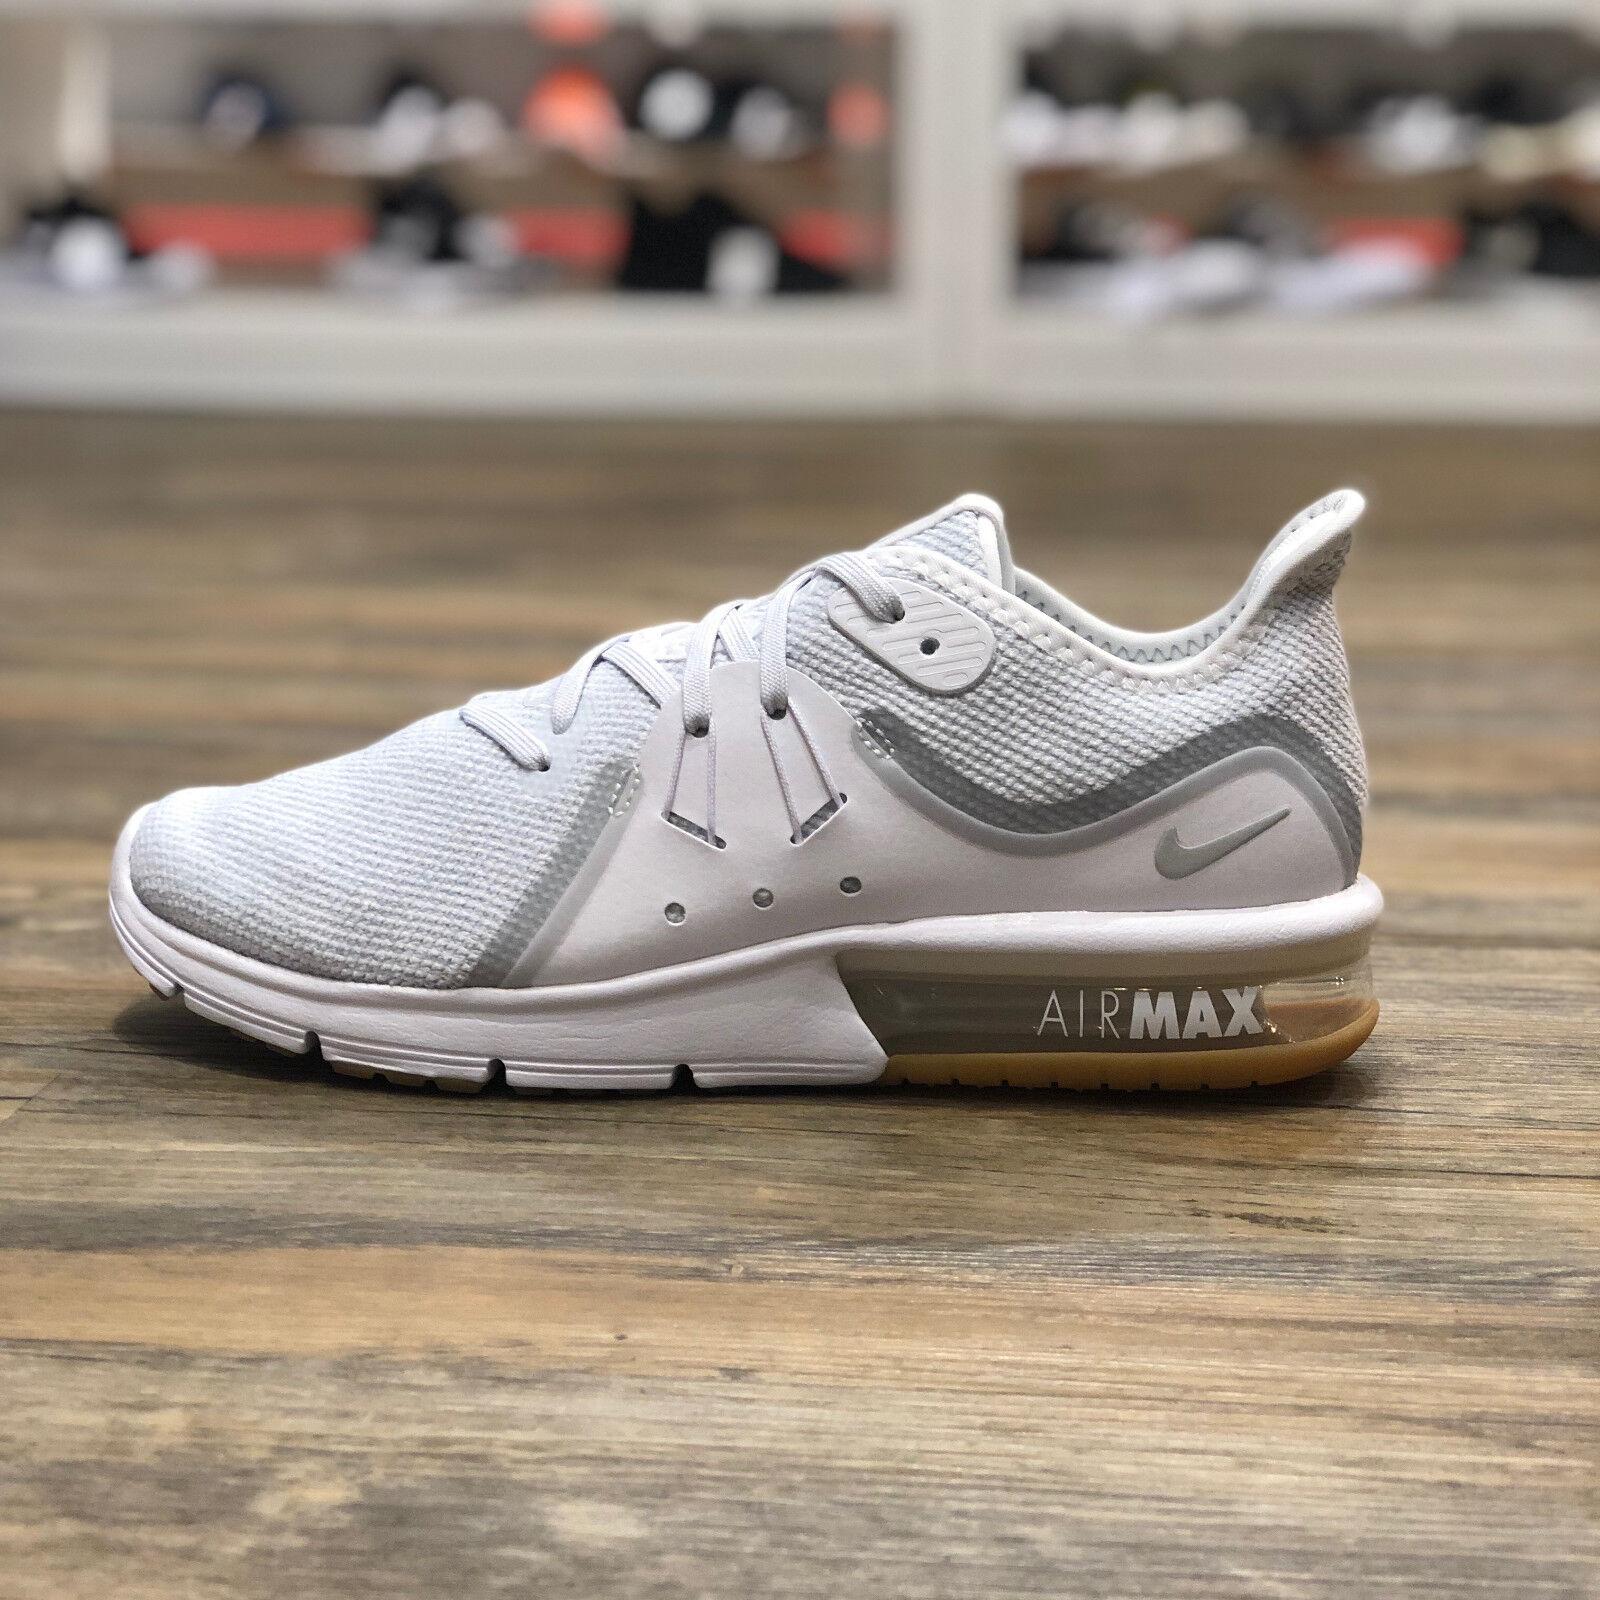 Nike Air Max Sequent 3 Gr.38 Schuhe Running Turnschuhe grau 270 90 908993 101